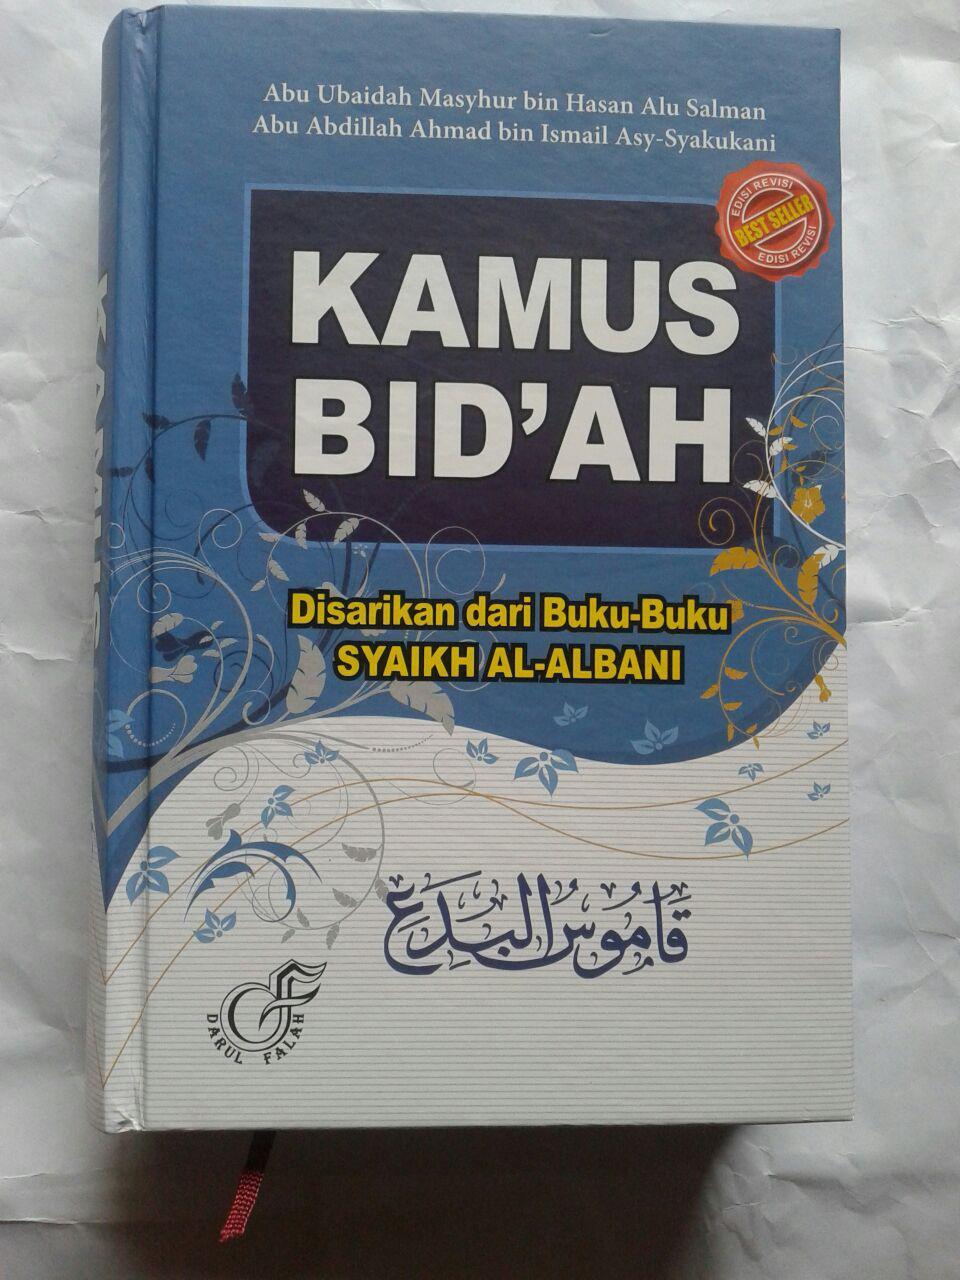 Buku Kamus Bid'ah Disarikan Dari Buku Buku Syaikh Al-Albani 240,000 20% 192,000 cover 2